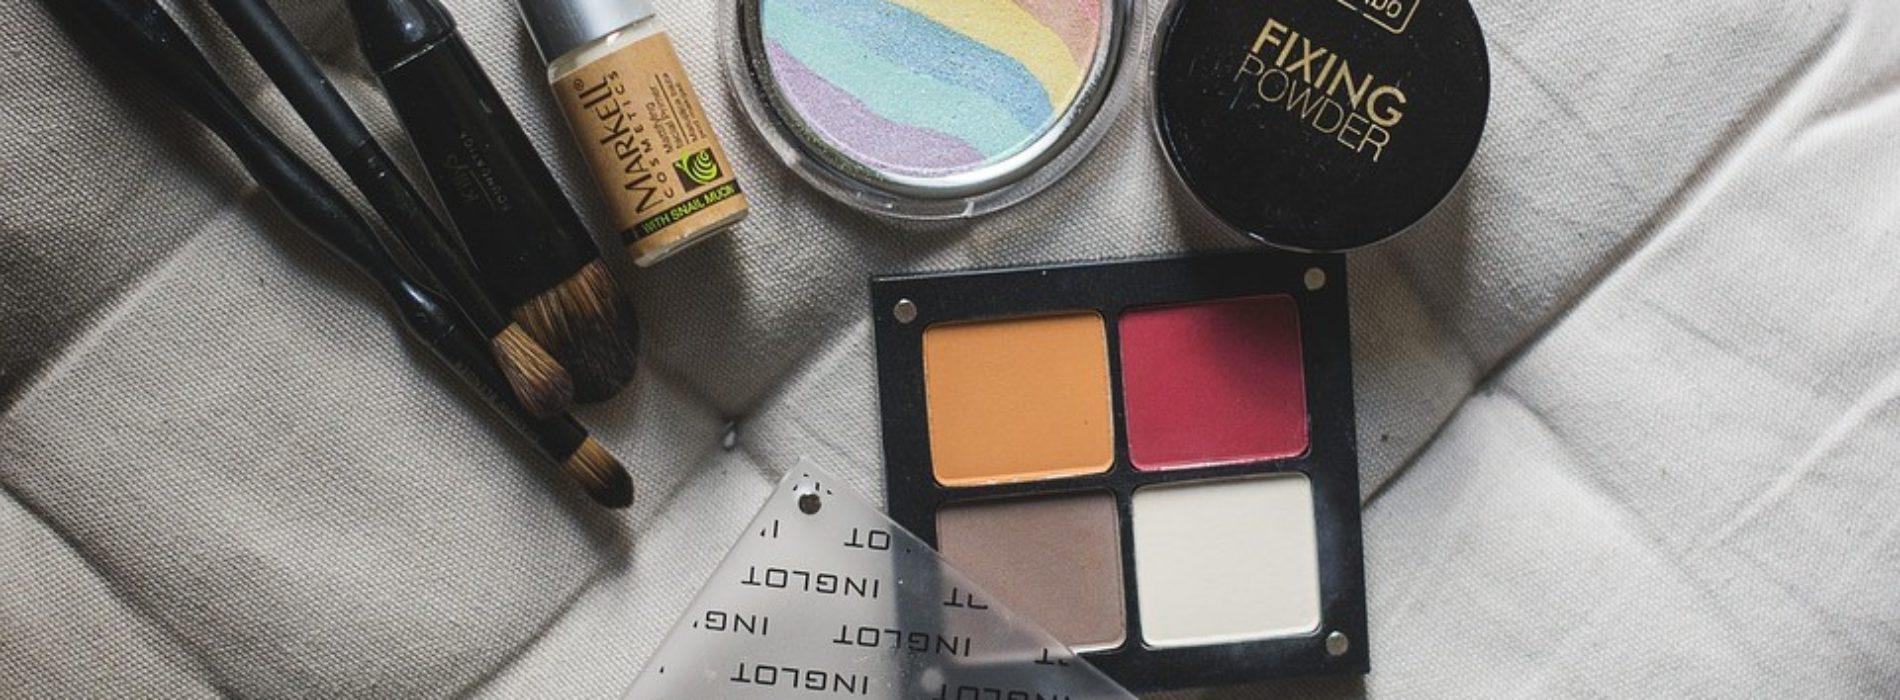 Jakie miniaturowe kosmetyki najlepiej jest zabrać ze sobą w podróż